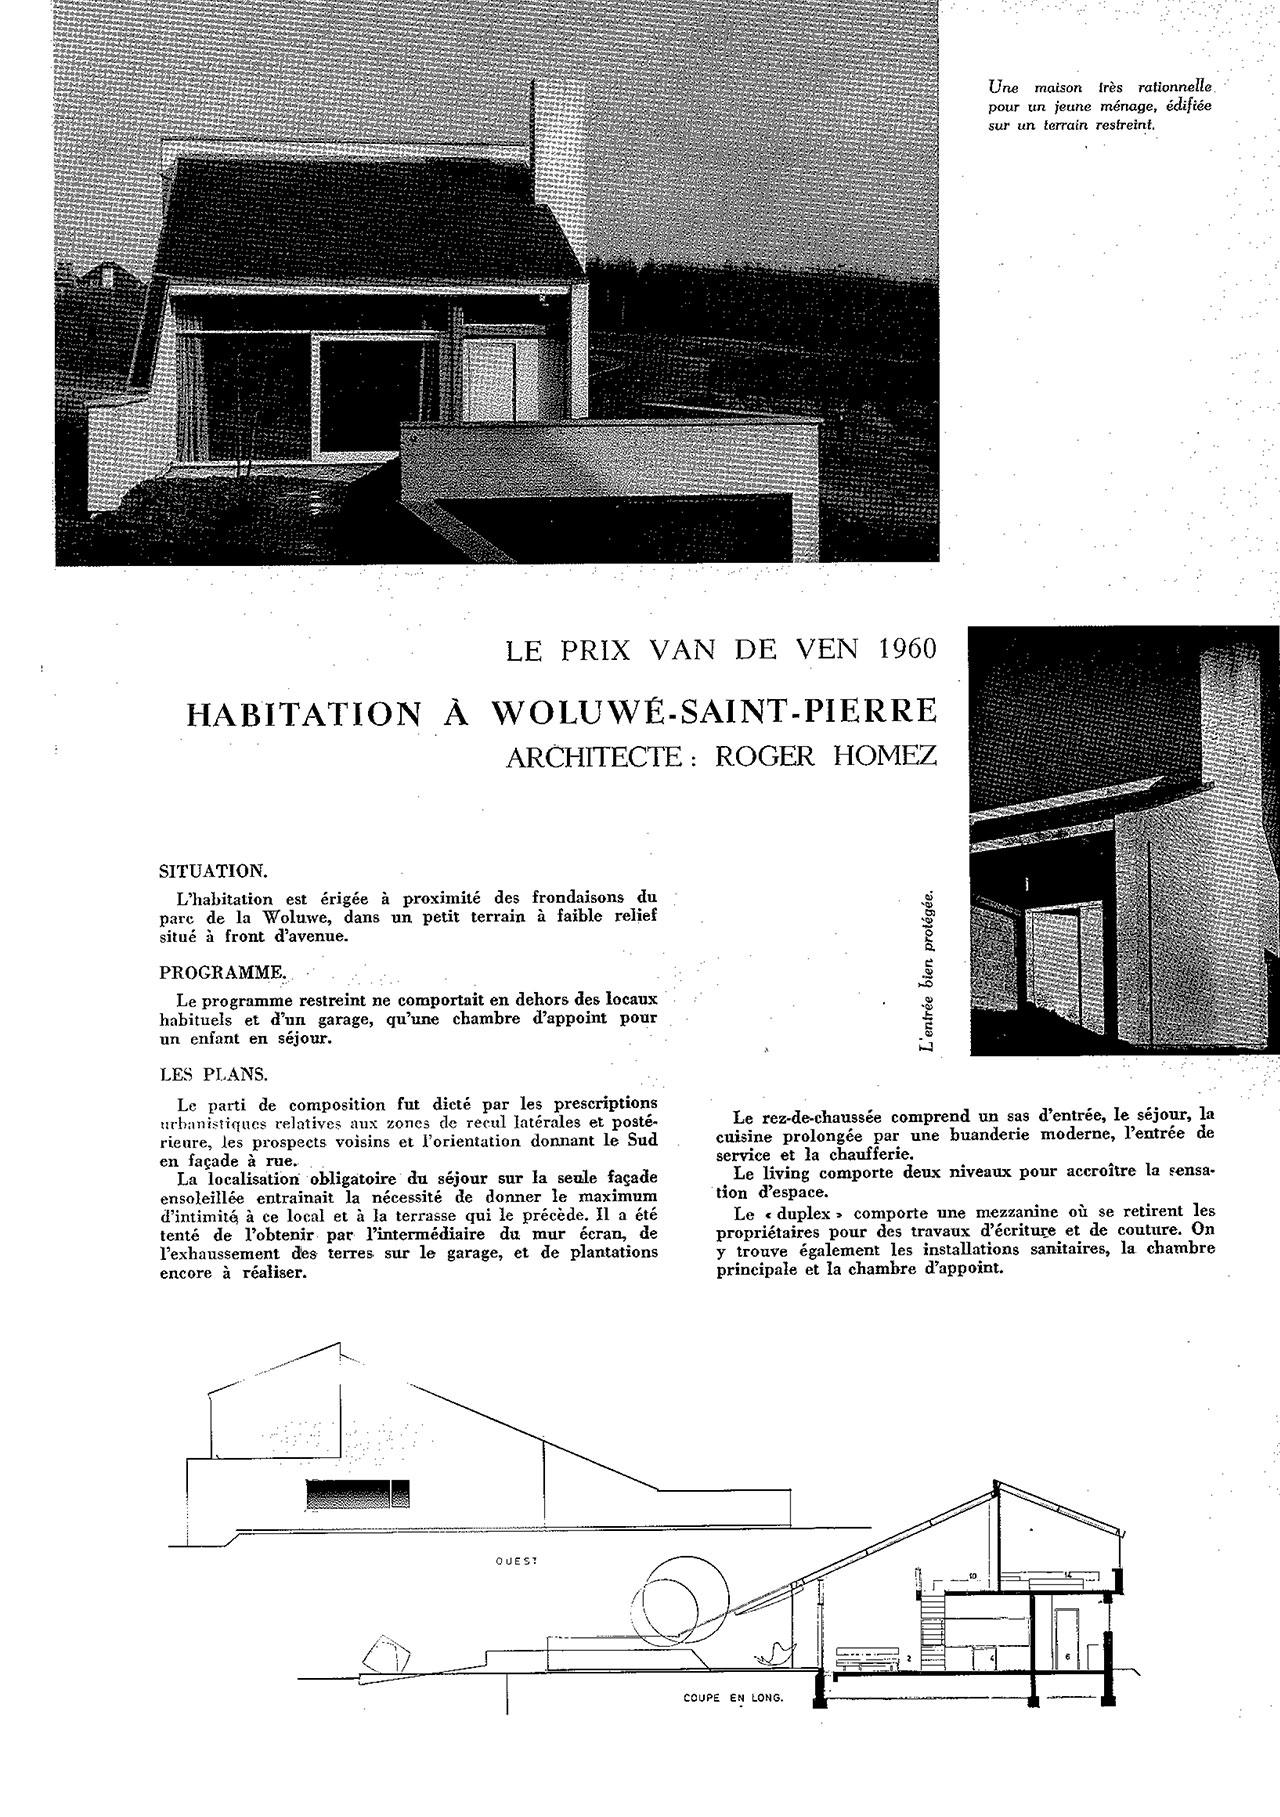 Habitation à Woluwé-St-Pierre